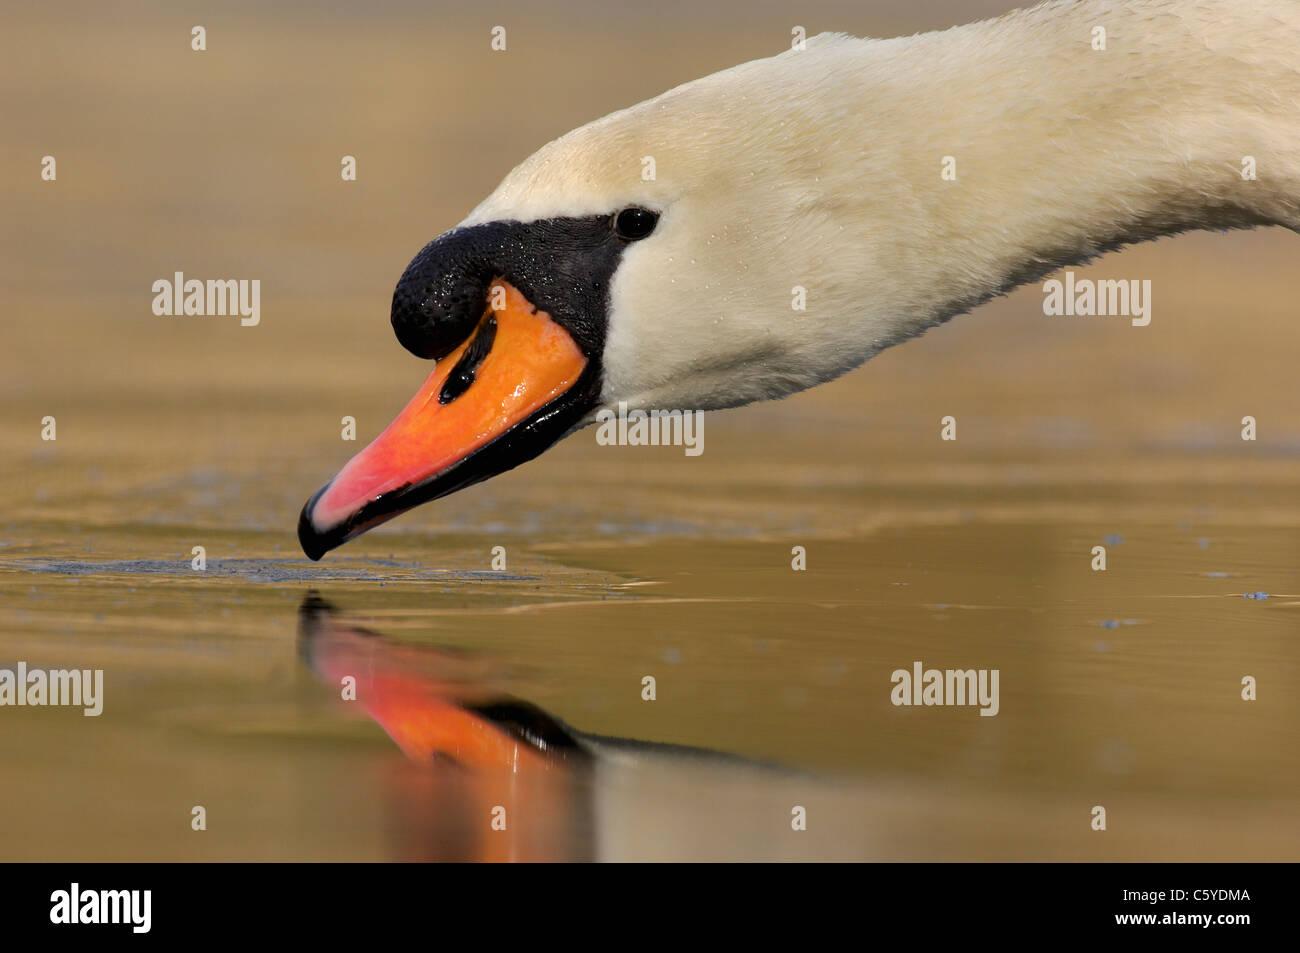 Cisne Cygnus olor Perfil de un adulto de beber el agua de la superficie de un lago congelado Derbyshire, Reino Unido Foto de stock